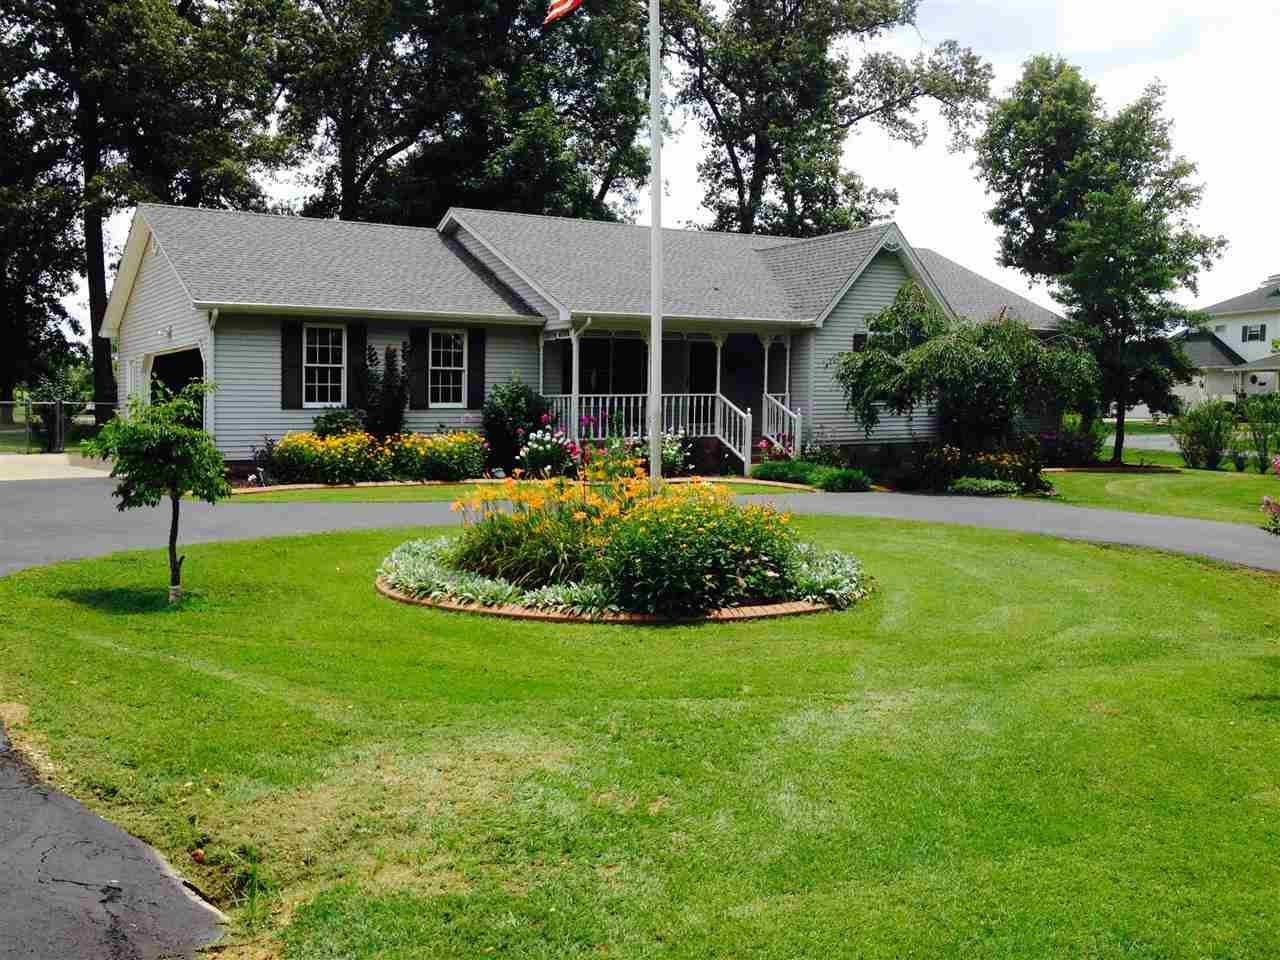 Real Estate for Sale, ListingId: 31241340, Kevil,KY42053